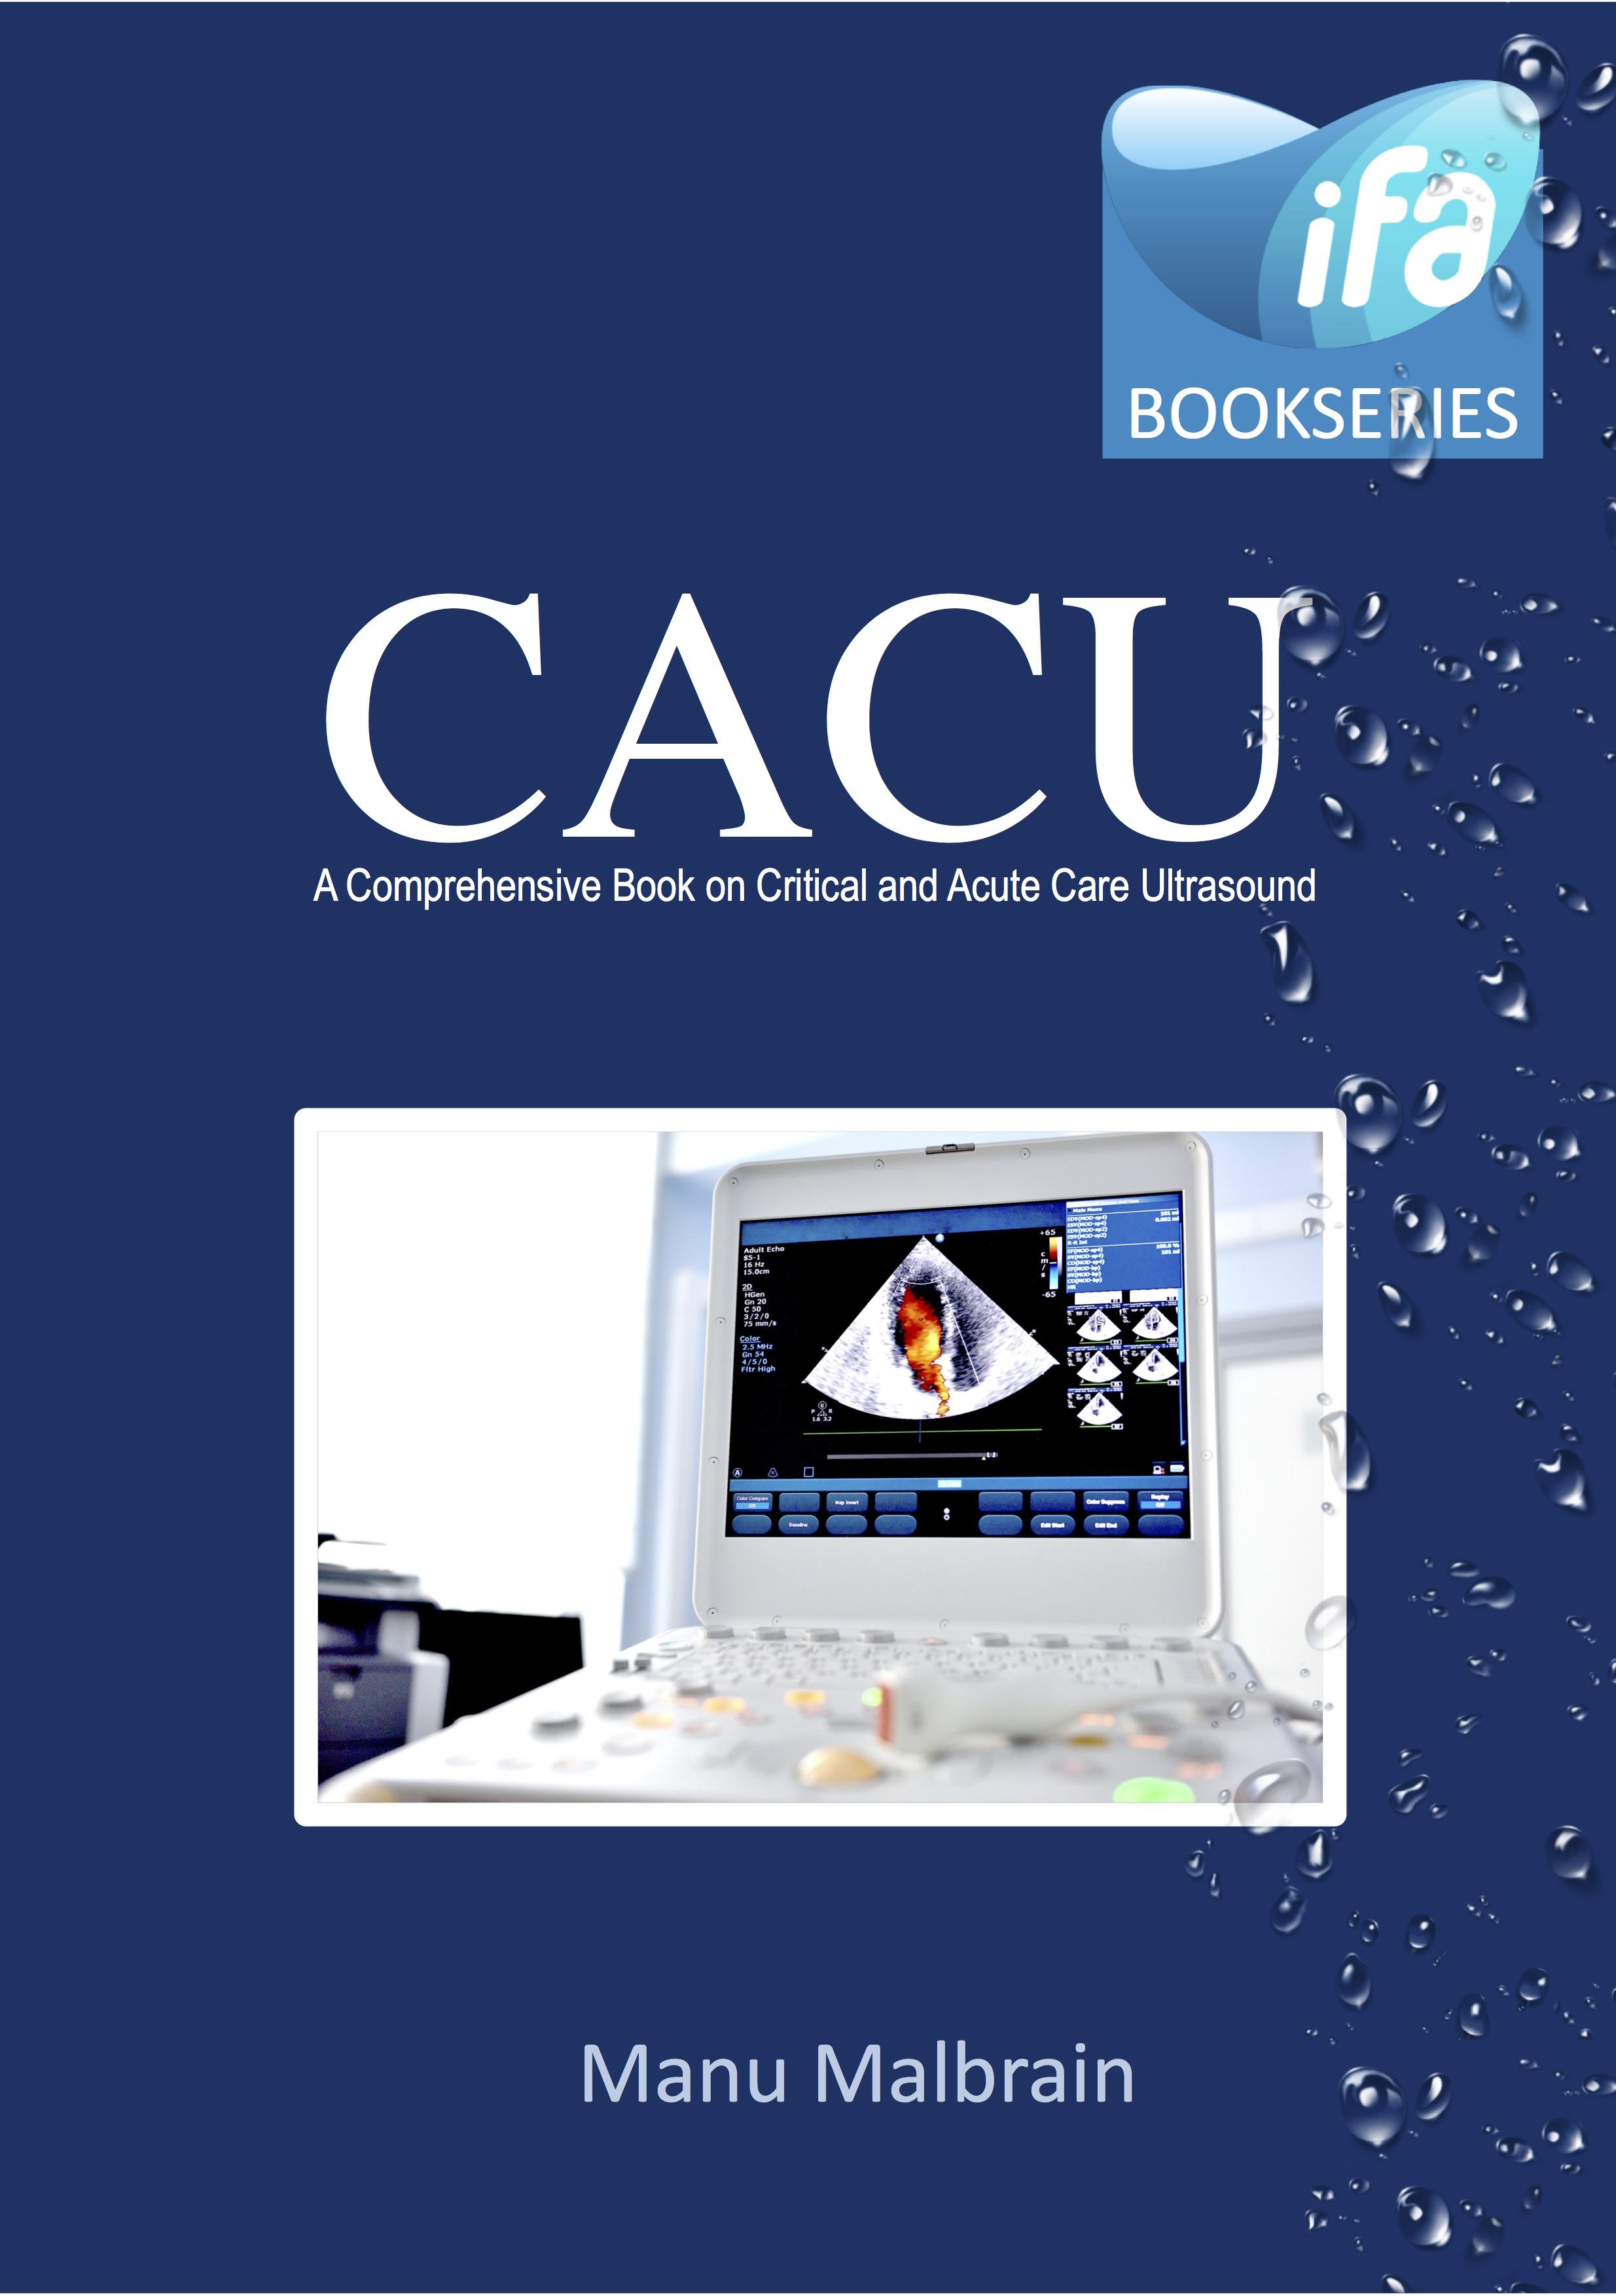 CACU Book